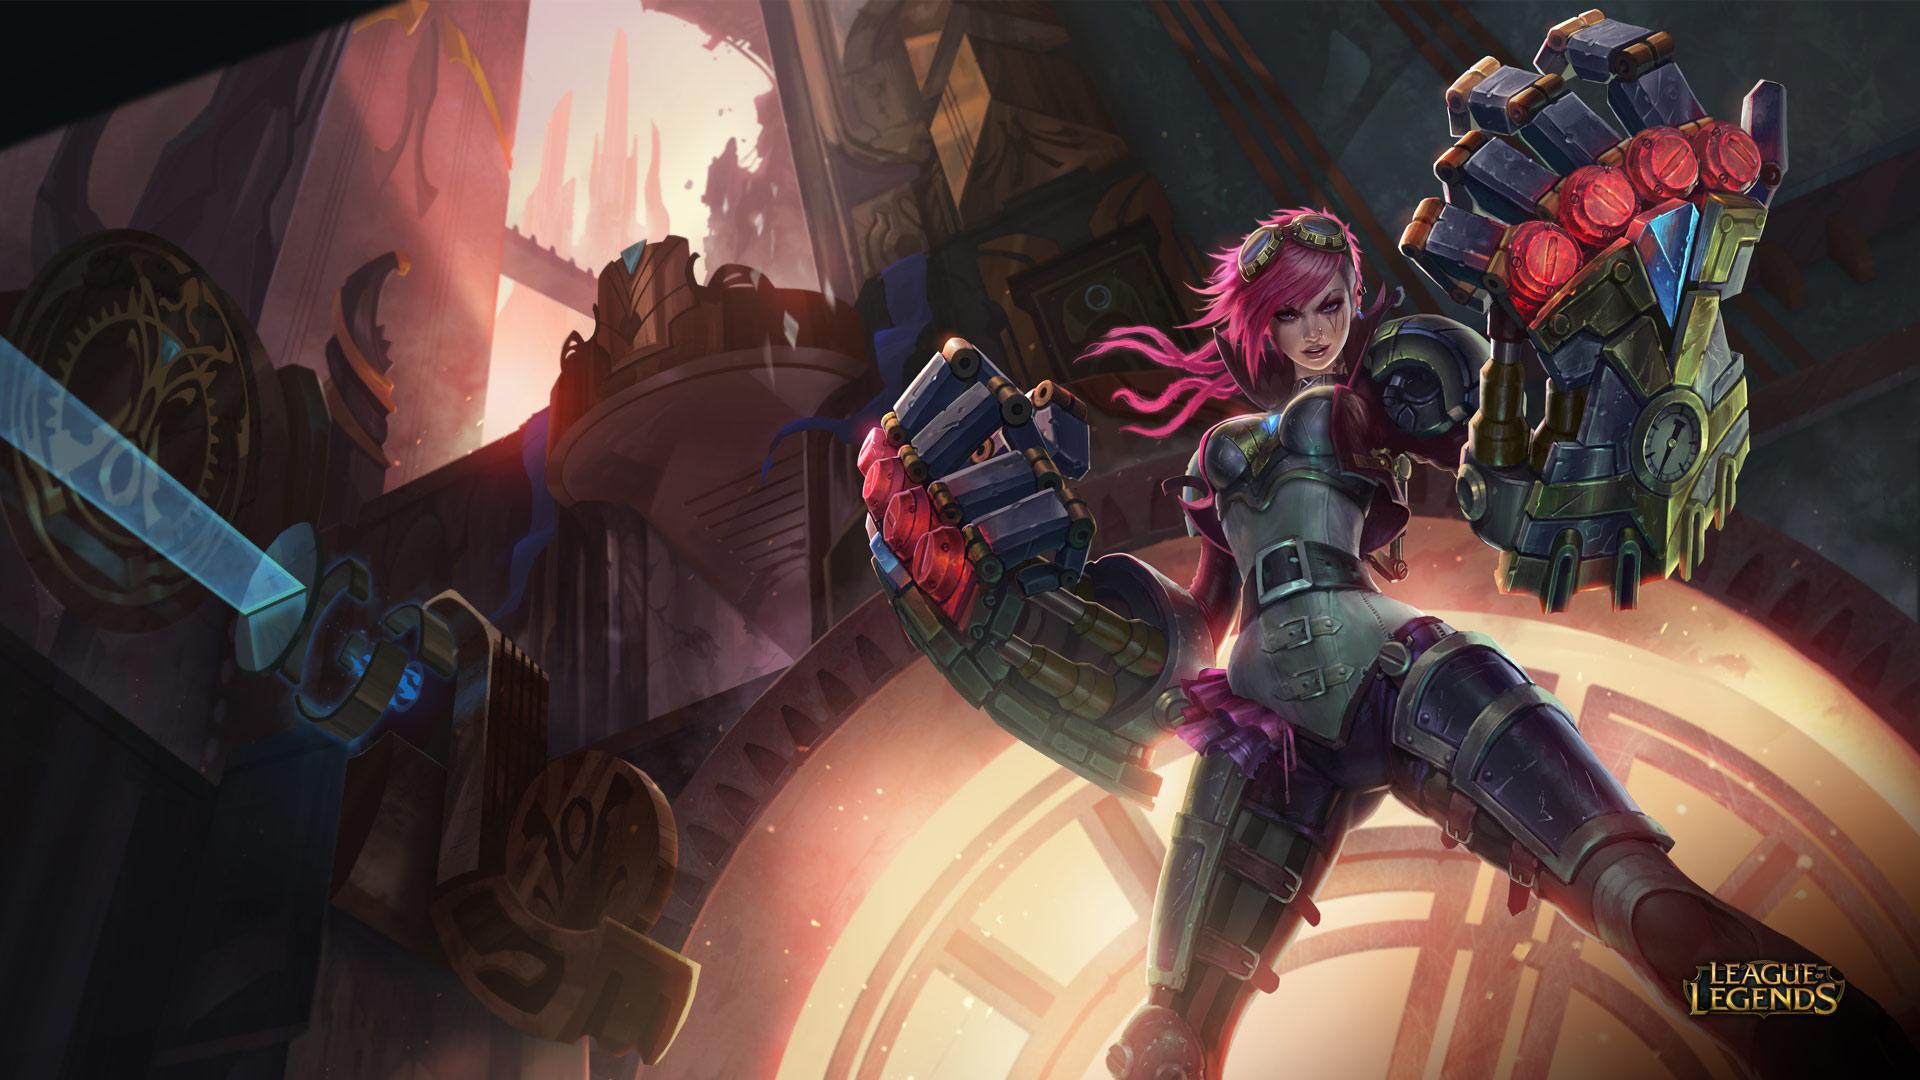 Teamfight Tactics, League of Legends' new autobattler game mode